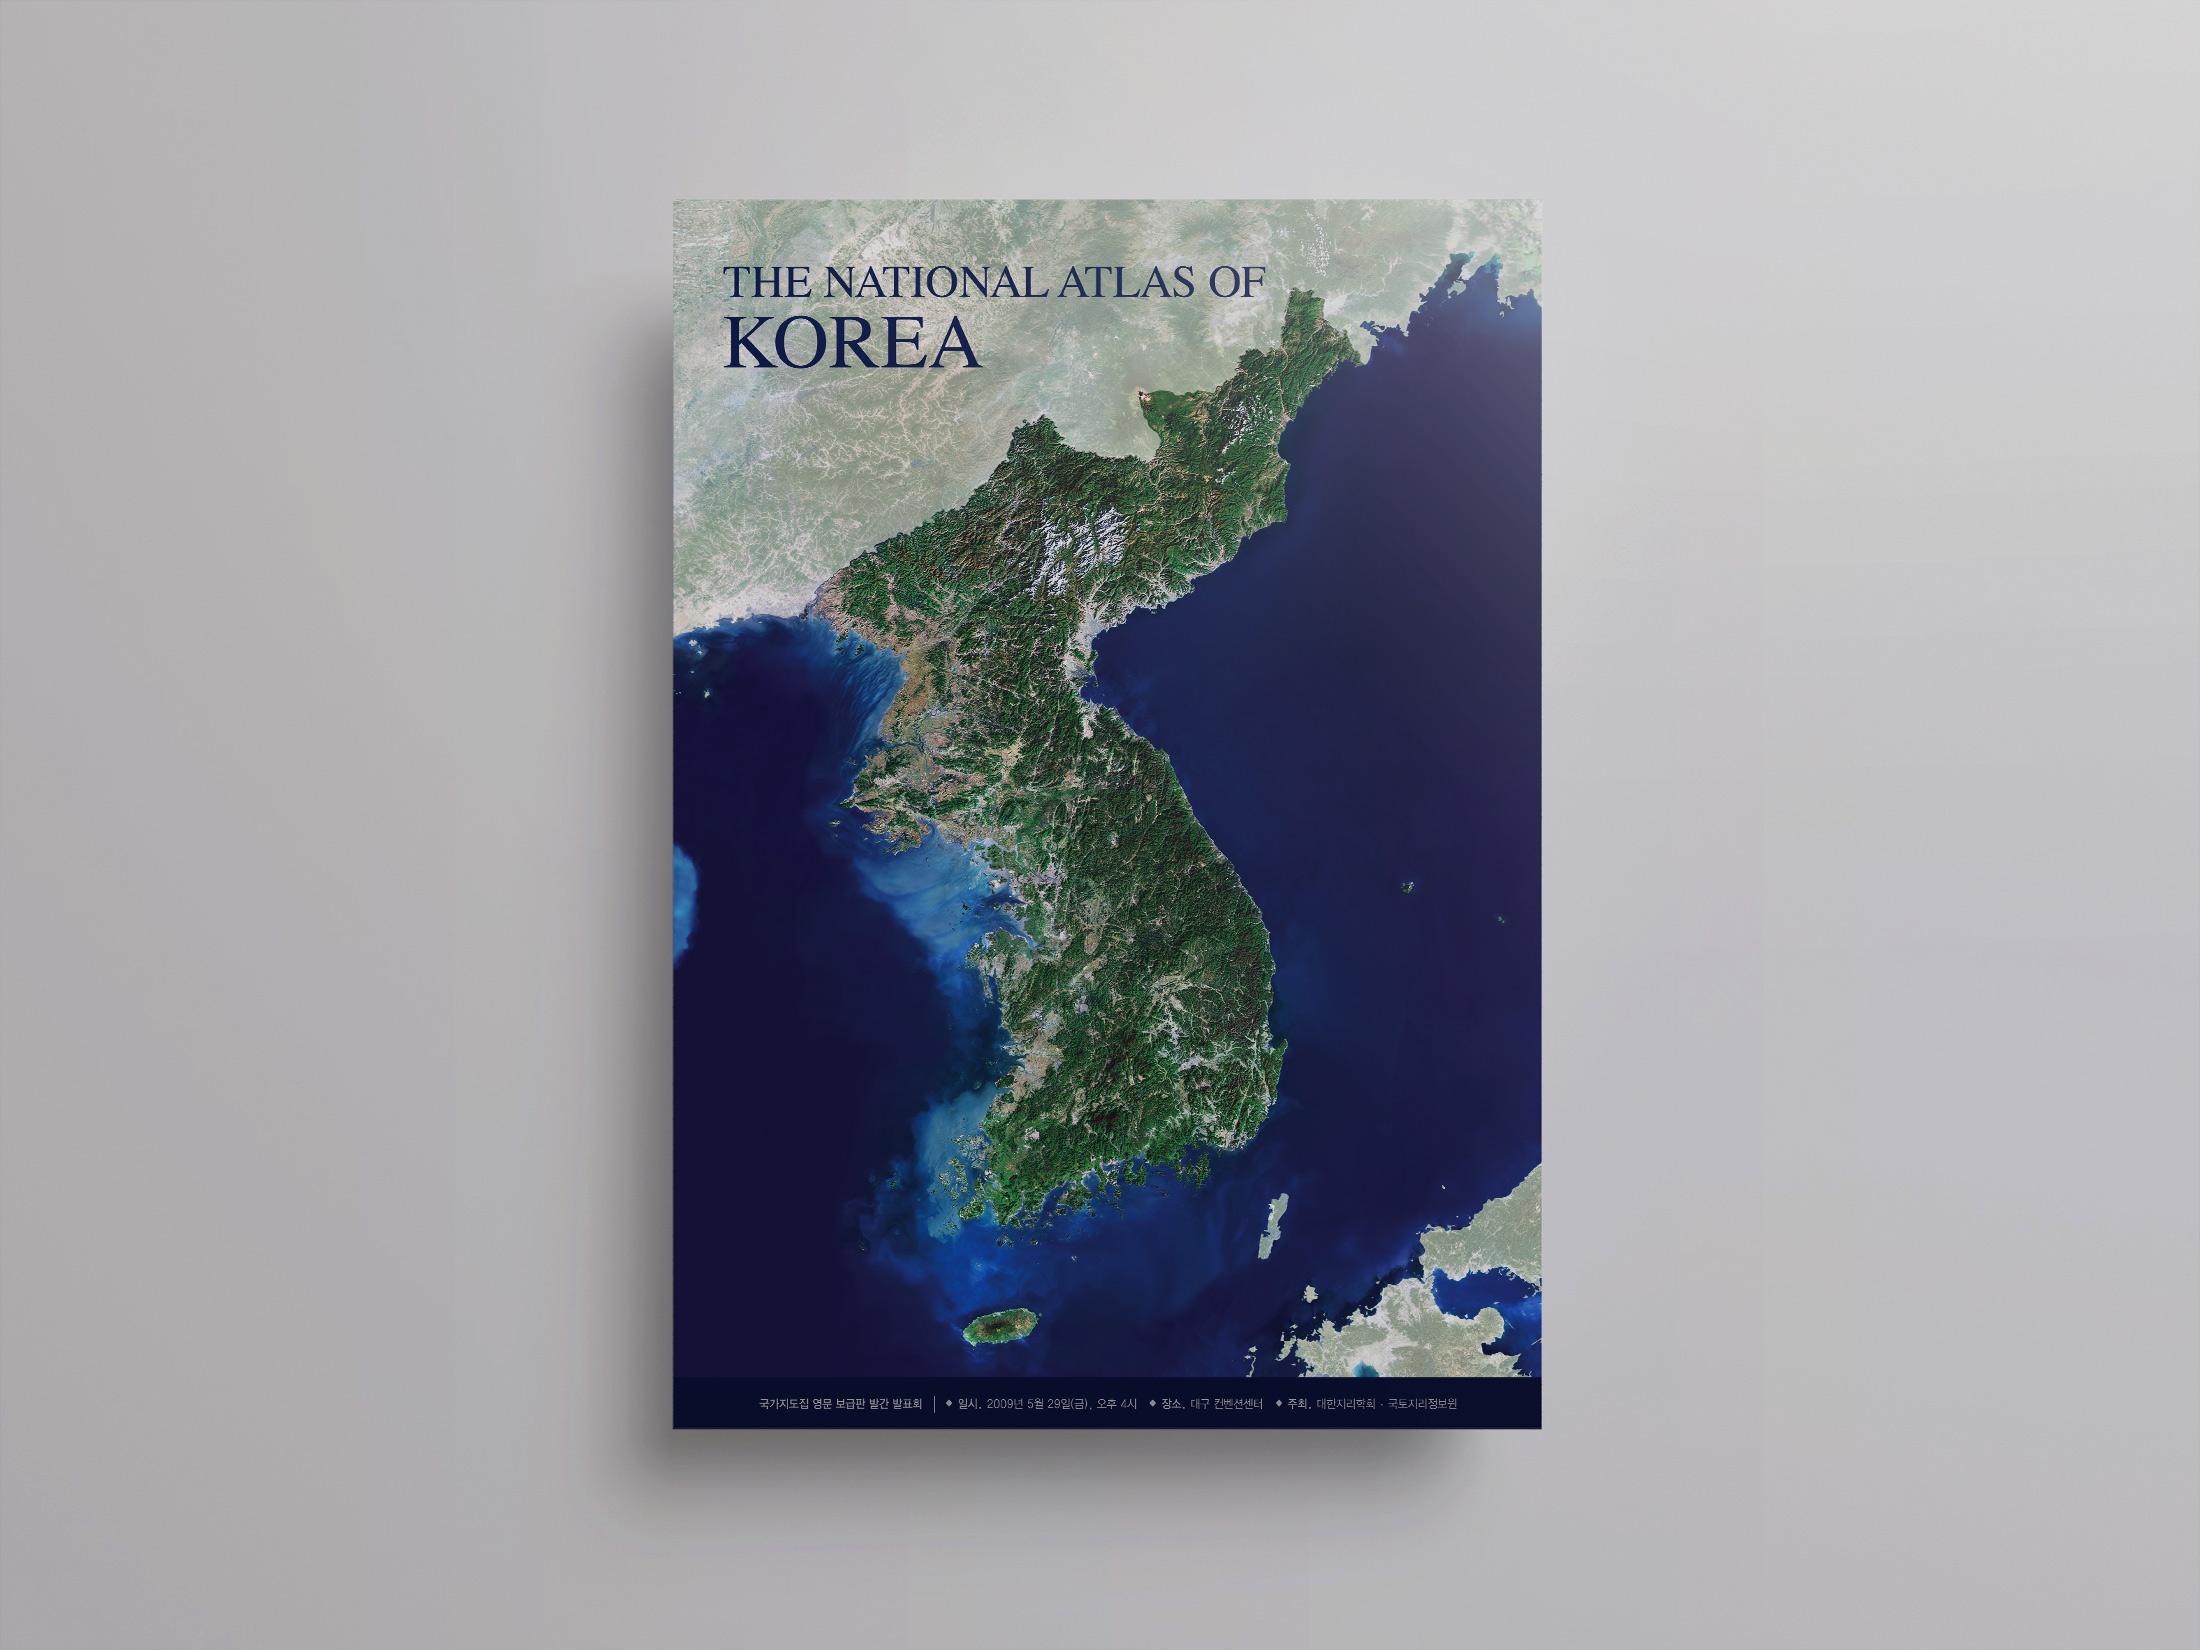 dankelab_korea_atlas_01